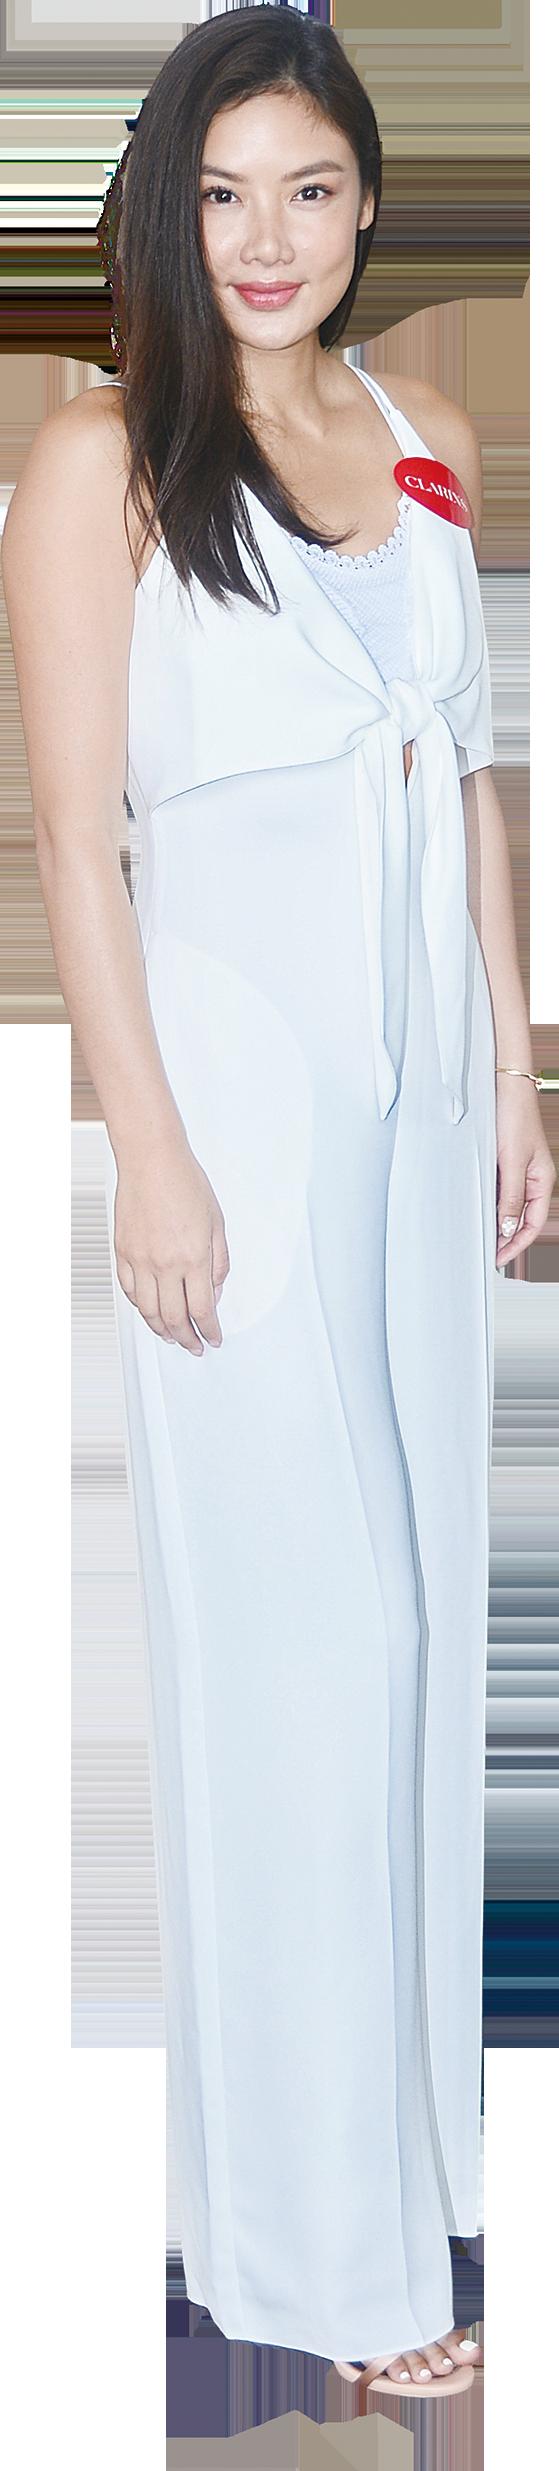 樂基兒在銅鑼灣出席護膚品牌活動,透露婚禮定在8月27日在美國加州舉行。(宋碧龍/大紀元)